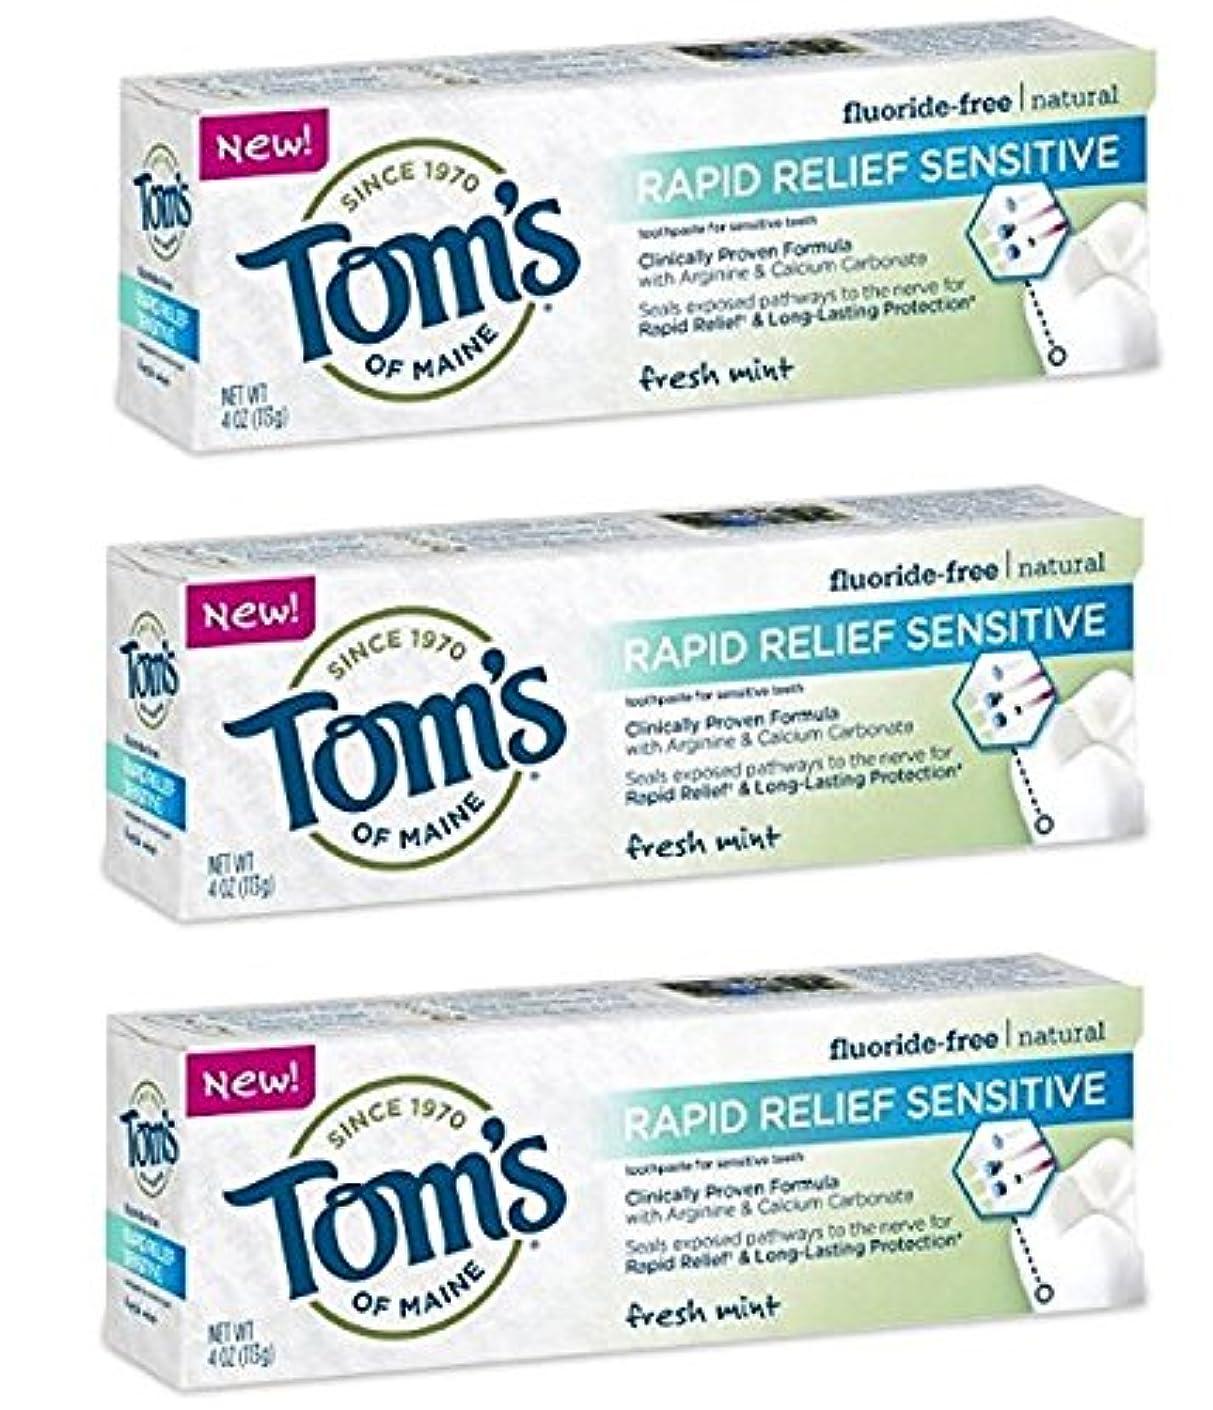 俳優キャリア韓国Tom's of Maine Rapid Relief Sensitive Natural Toothpaste 4 oz Fresh Mint by KT Travel